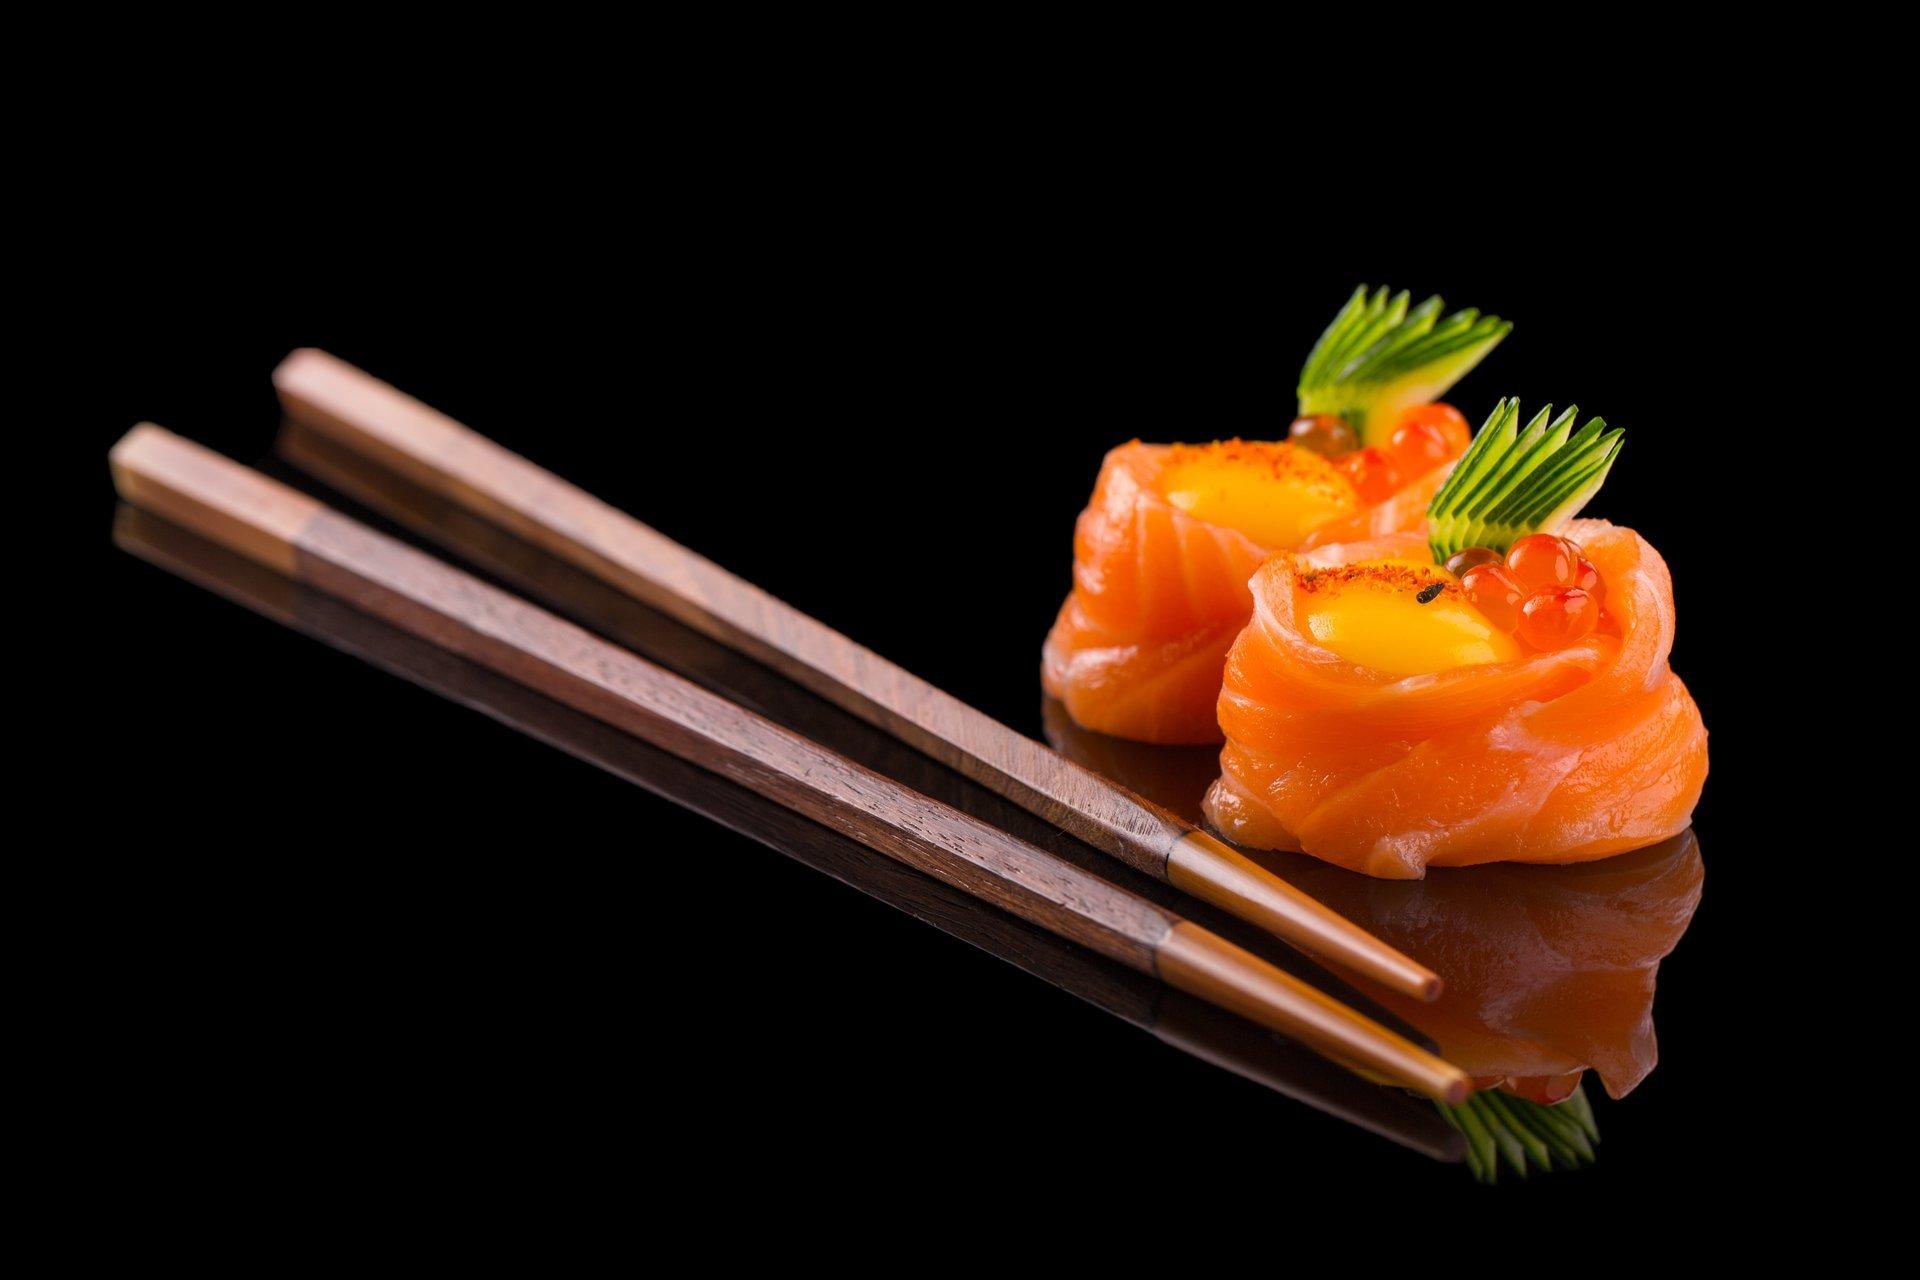 Impiegato mettendo il sushi in una cassa per mangiare in casa